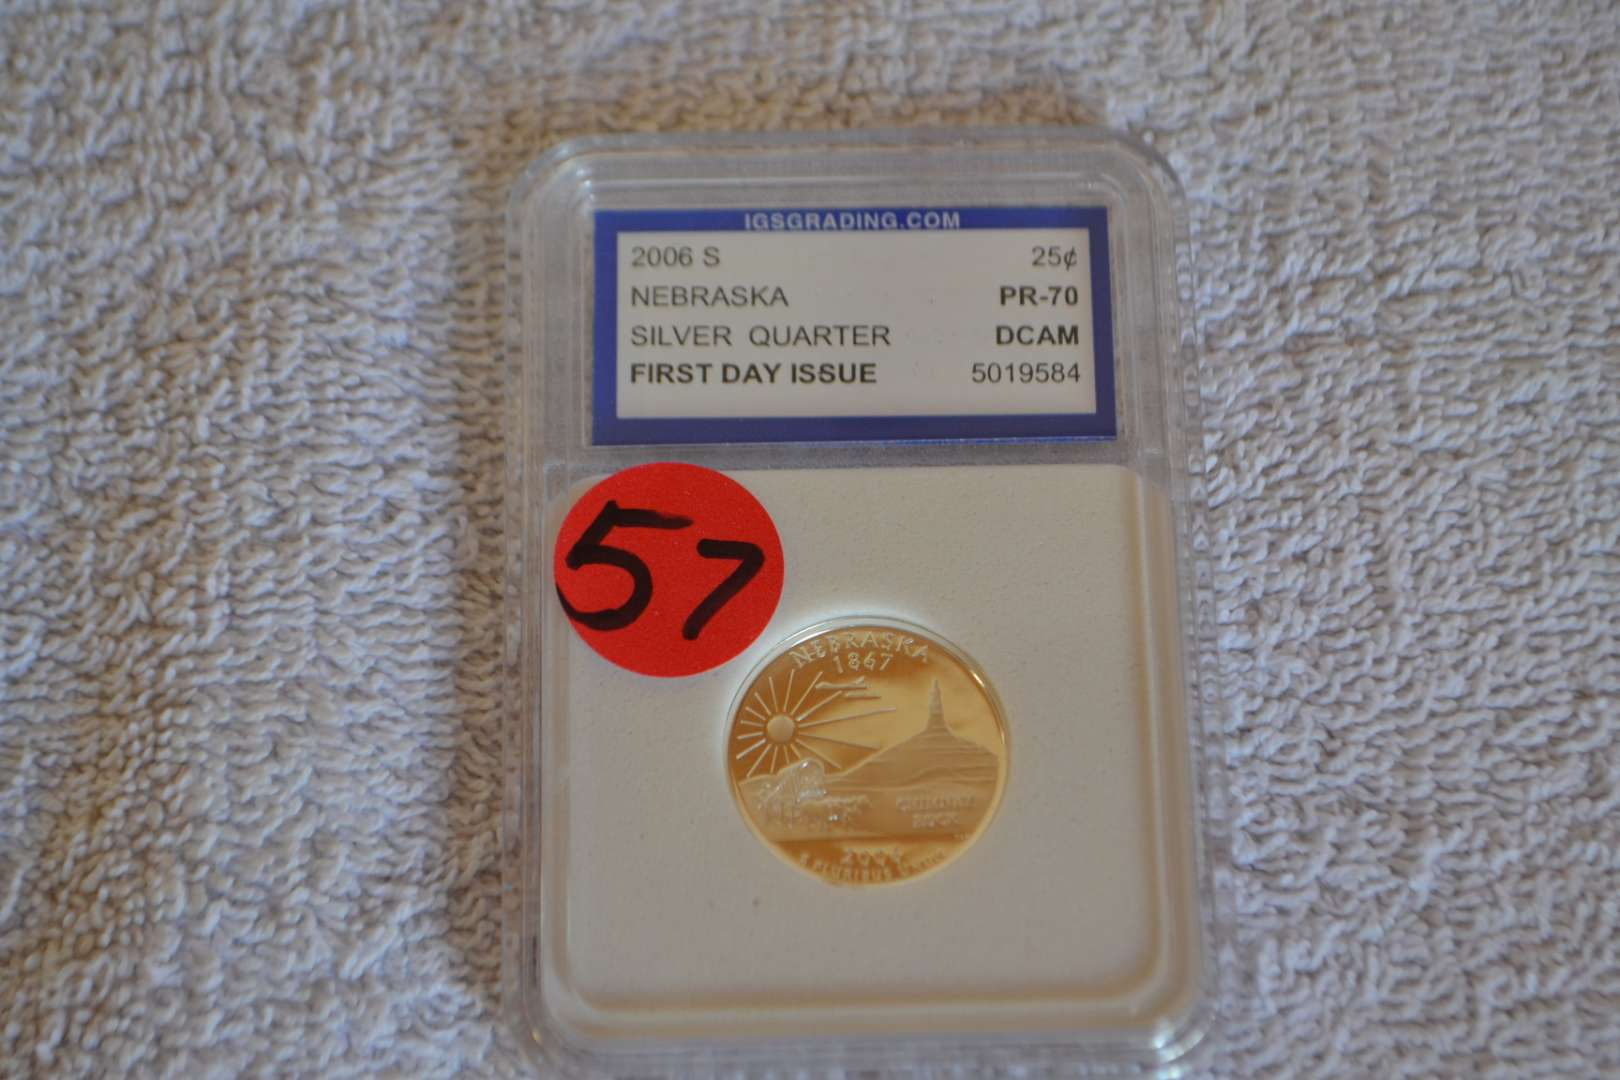 Lot # 57 2006 S NEBRASKA 1ST DAY ISSUE SILVER QUARTER IGS GRADED PR70